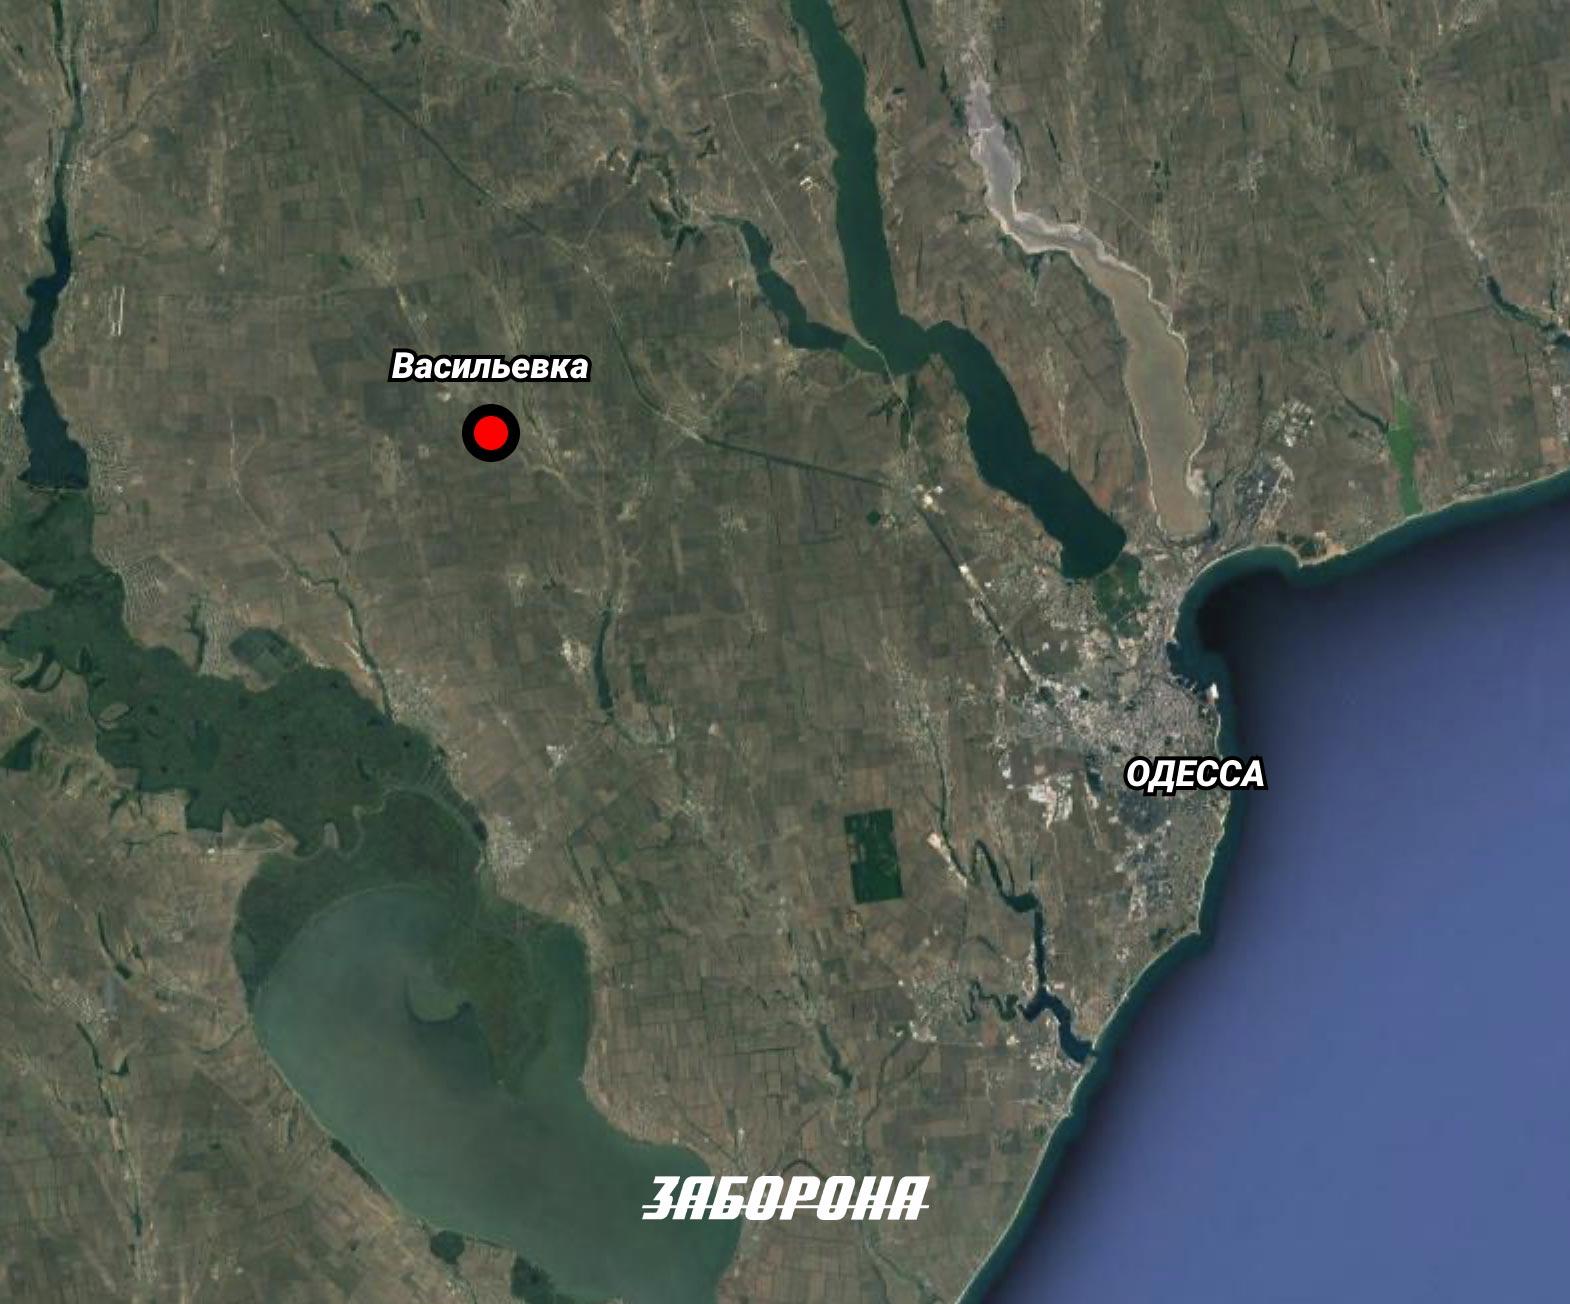 nikiforov map ru - <b>Фотографа Евгения Никифорова пытались избить и ограбить.</b> Теперь ему шьют уголовное дело - Заборона